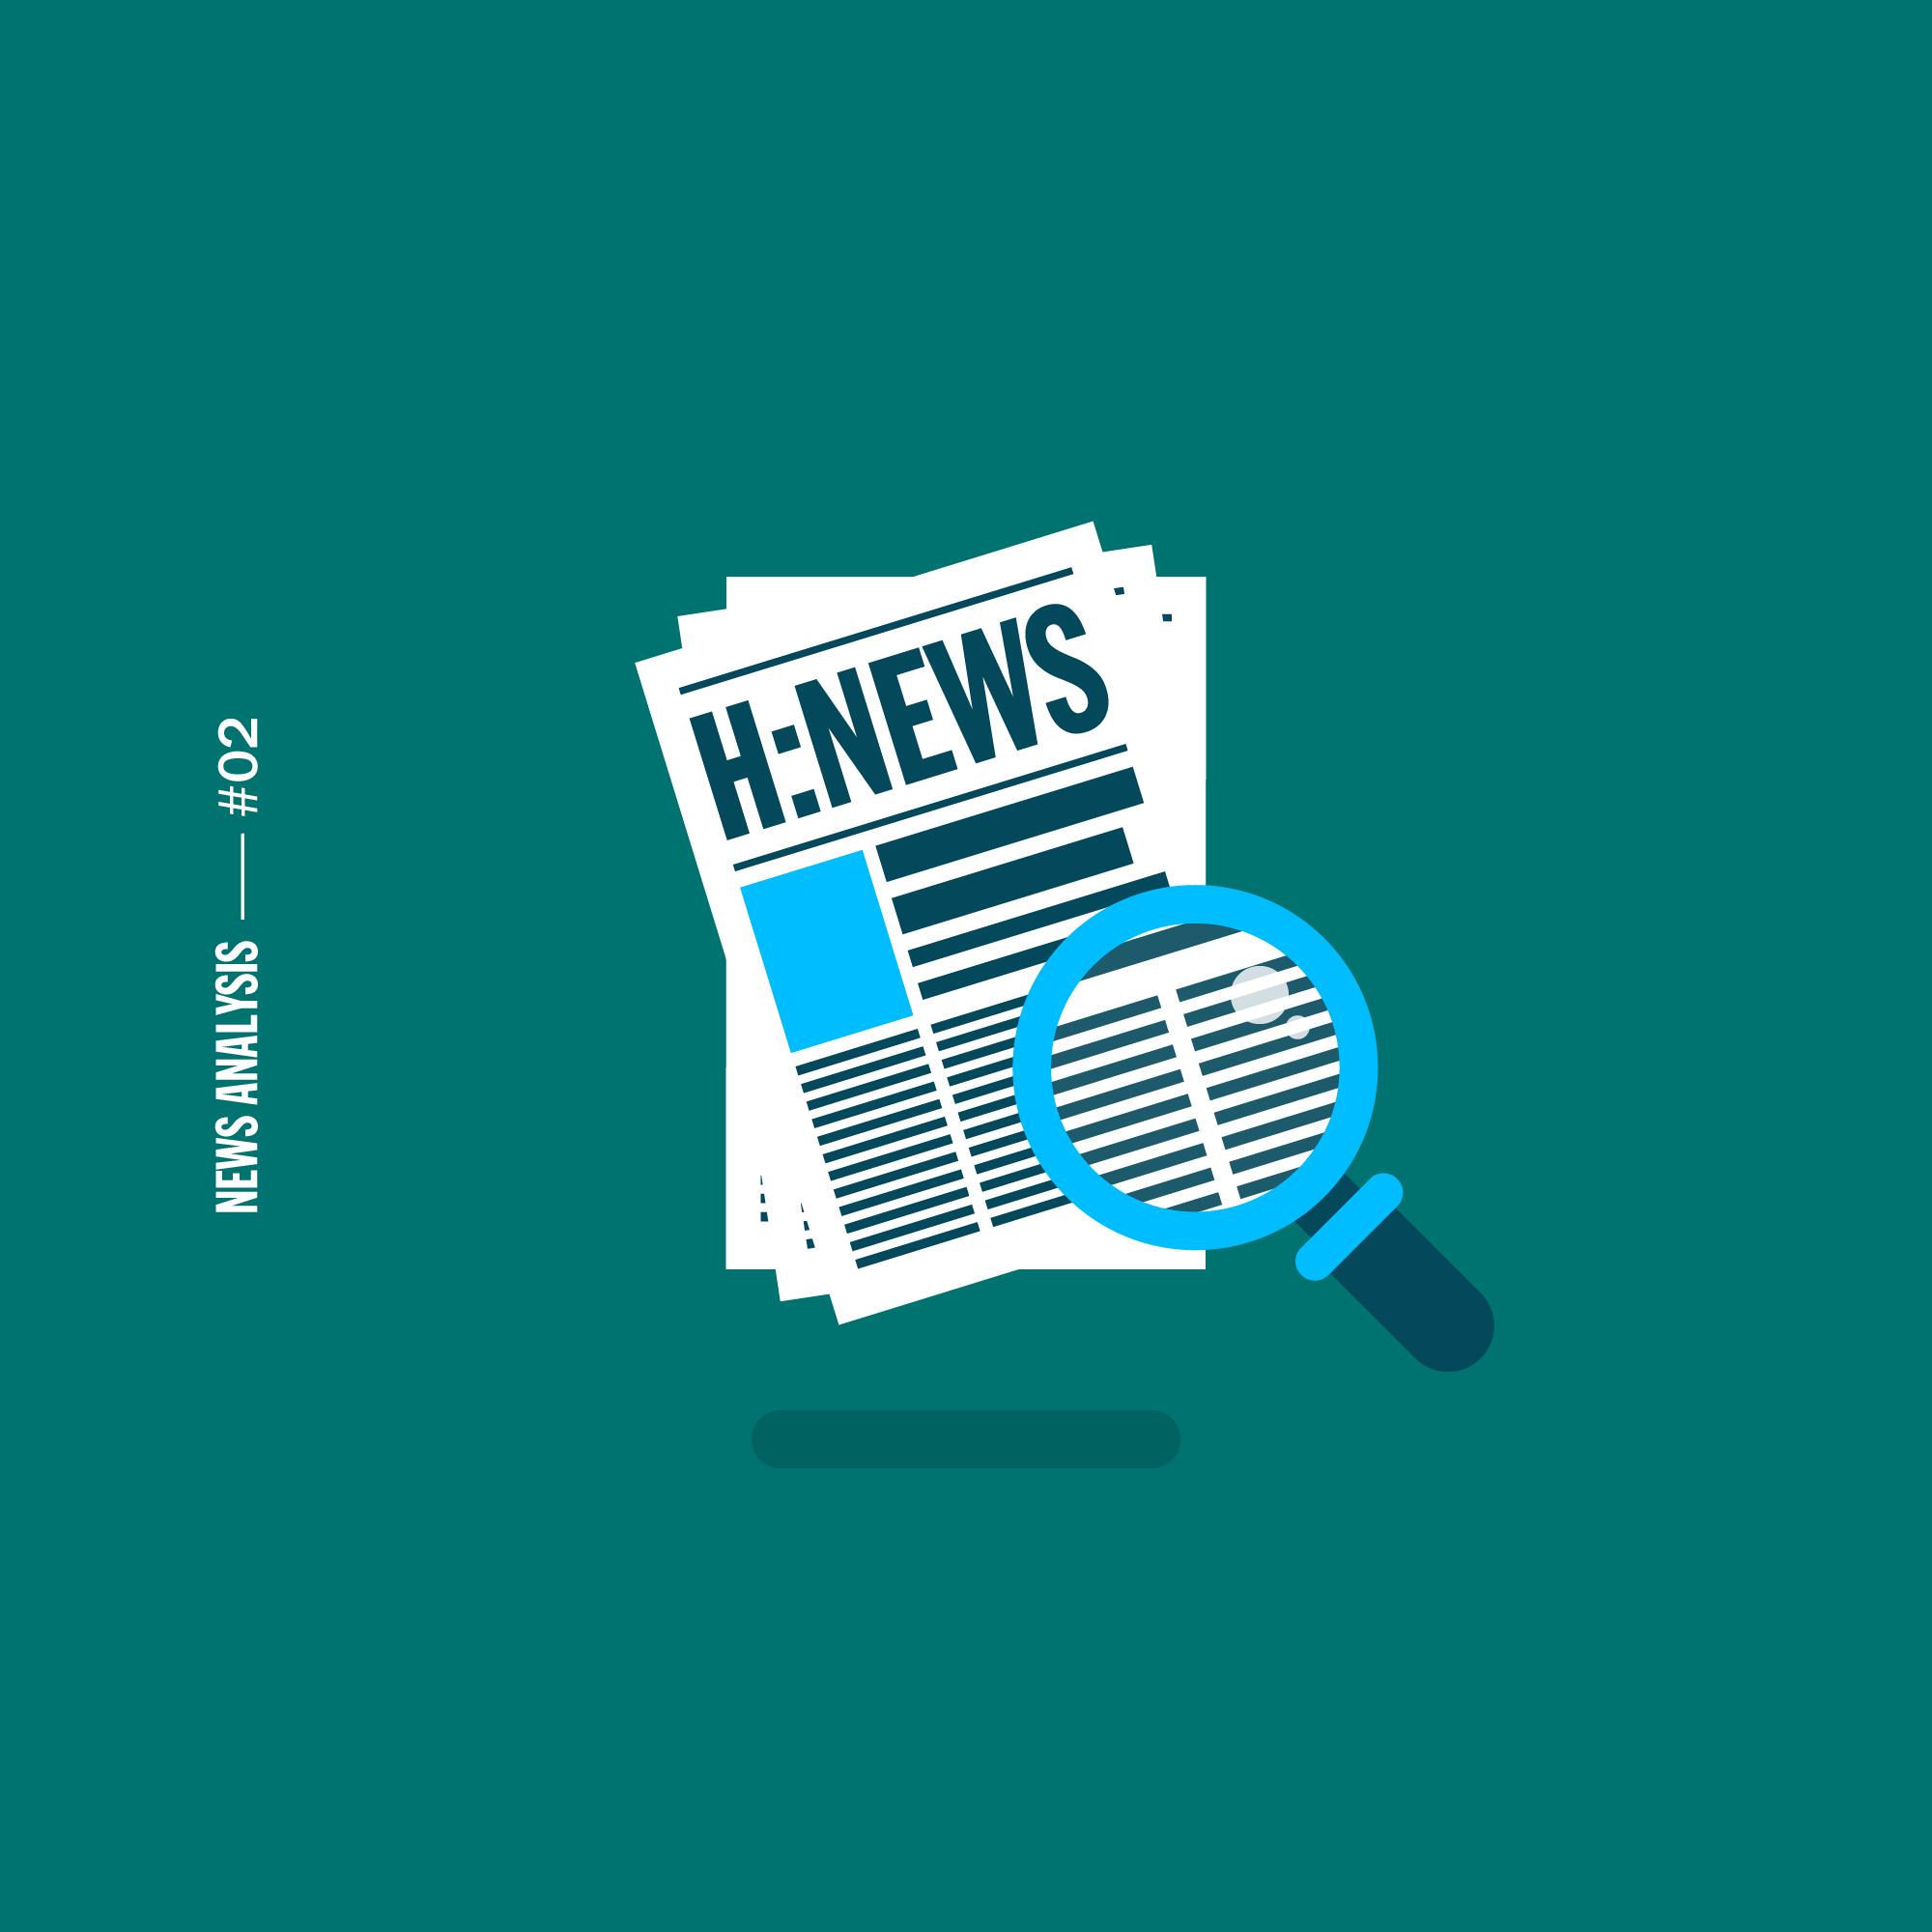 Harvard News Analysis